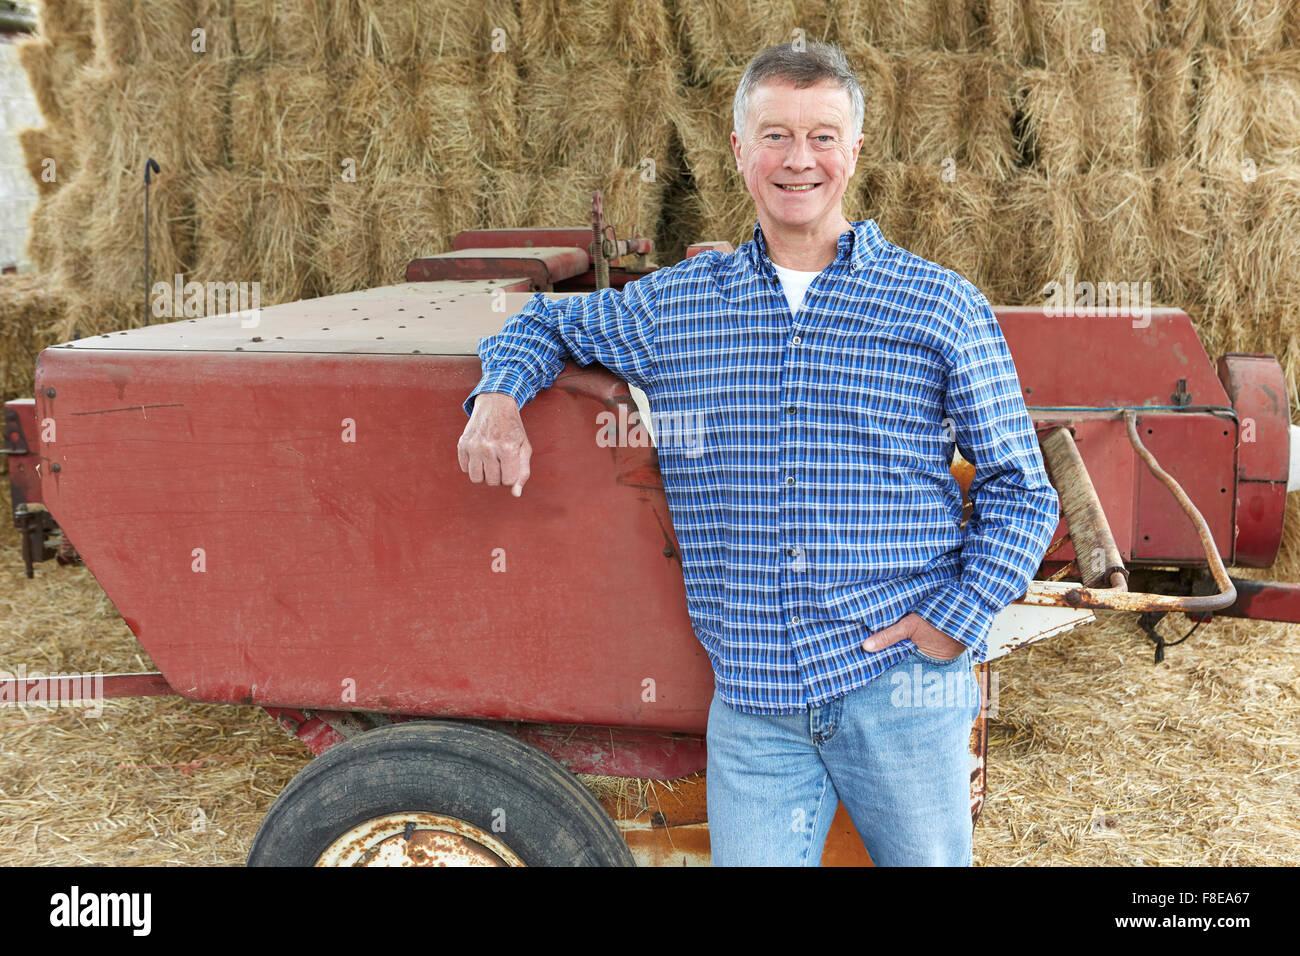 Landwirt vor Ballen und alte Landmaschinen Stockbild